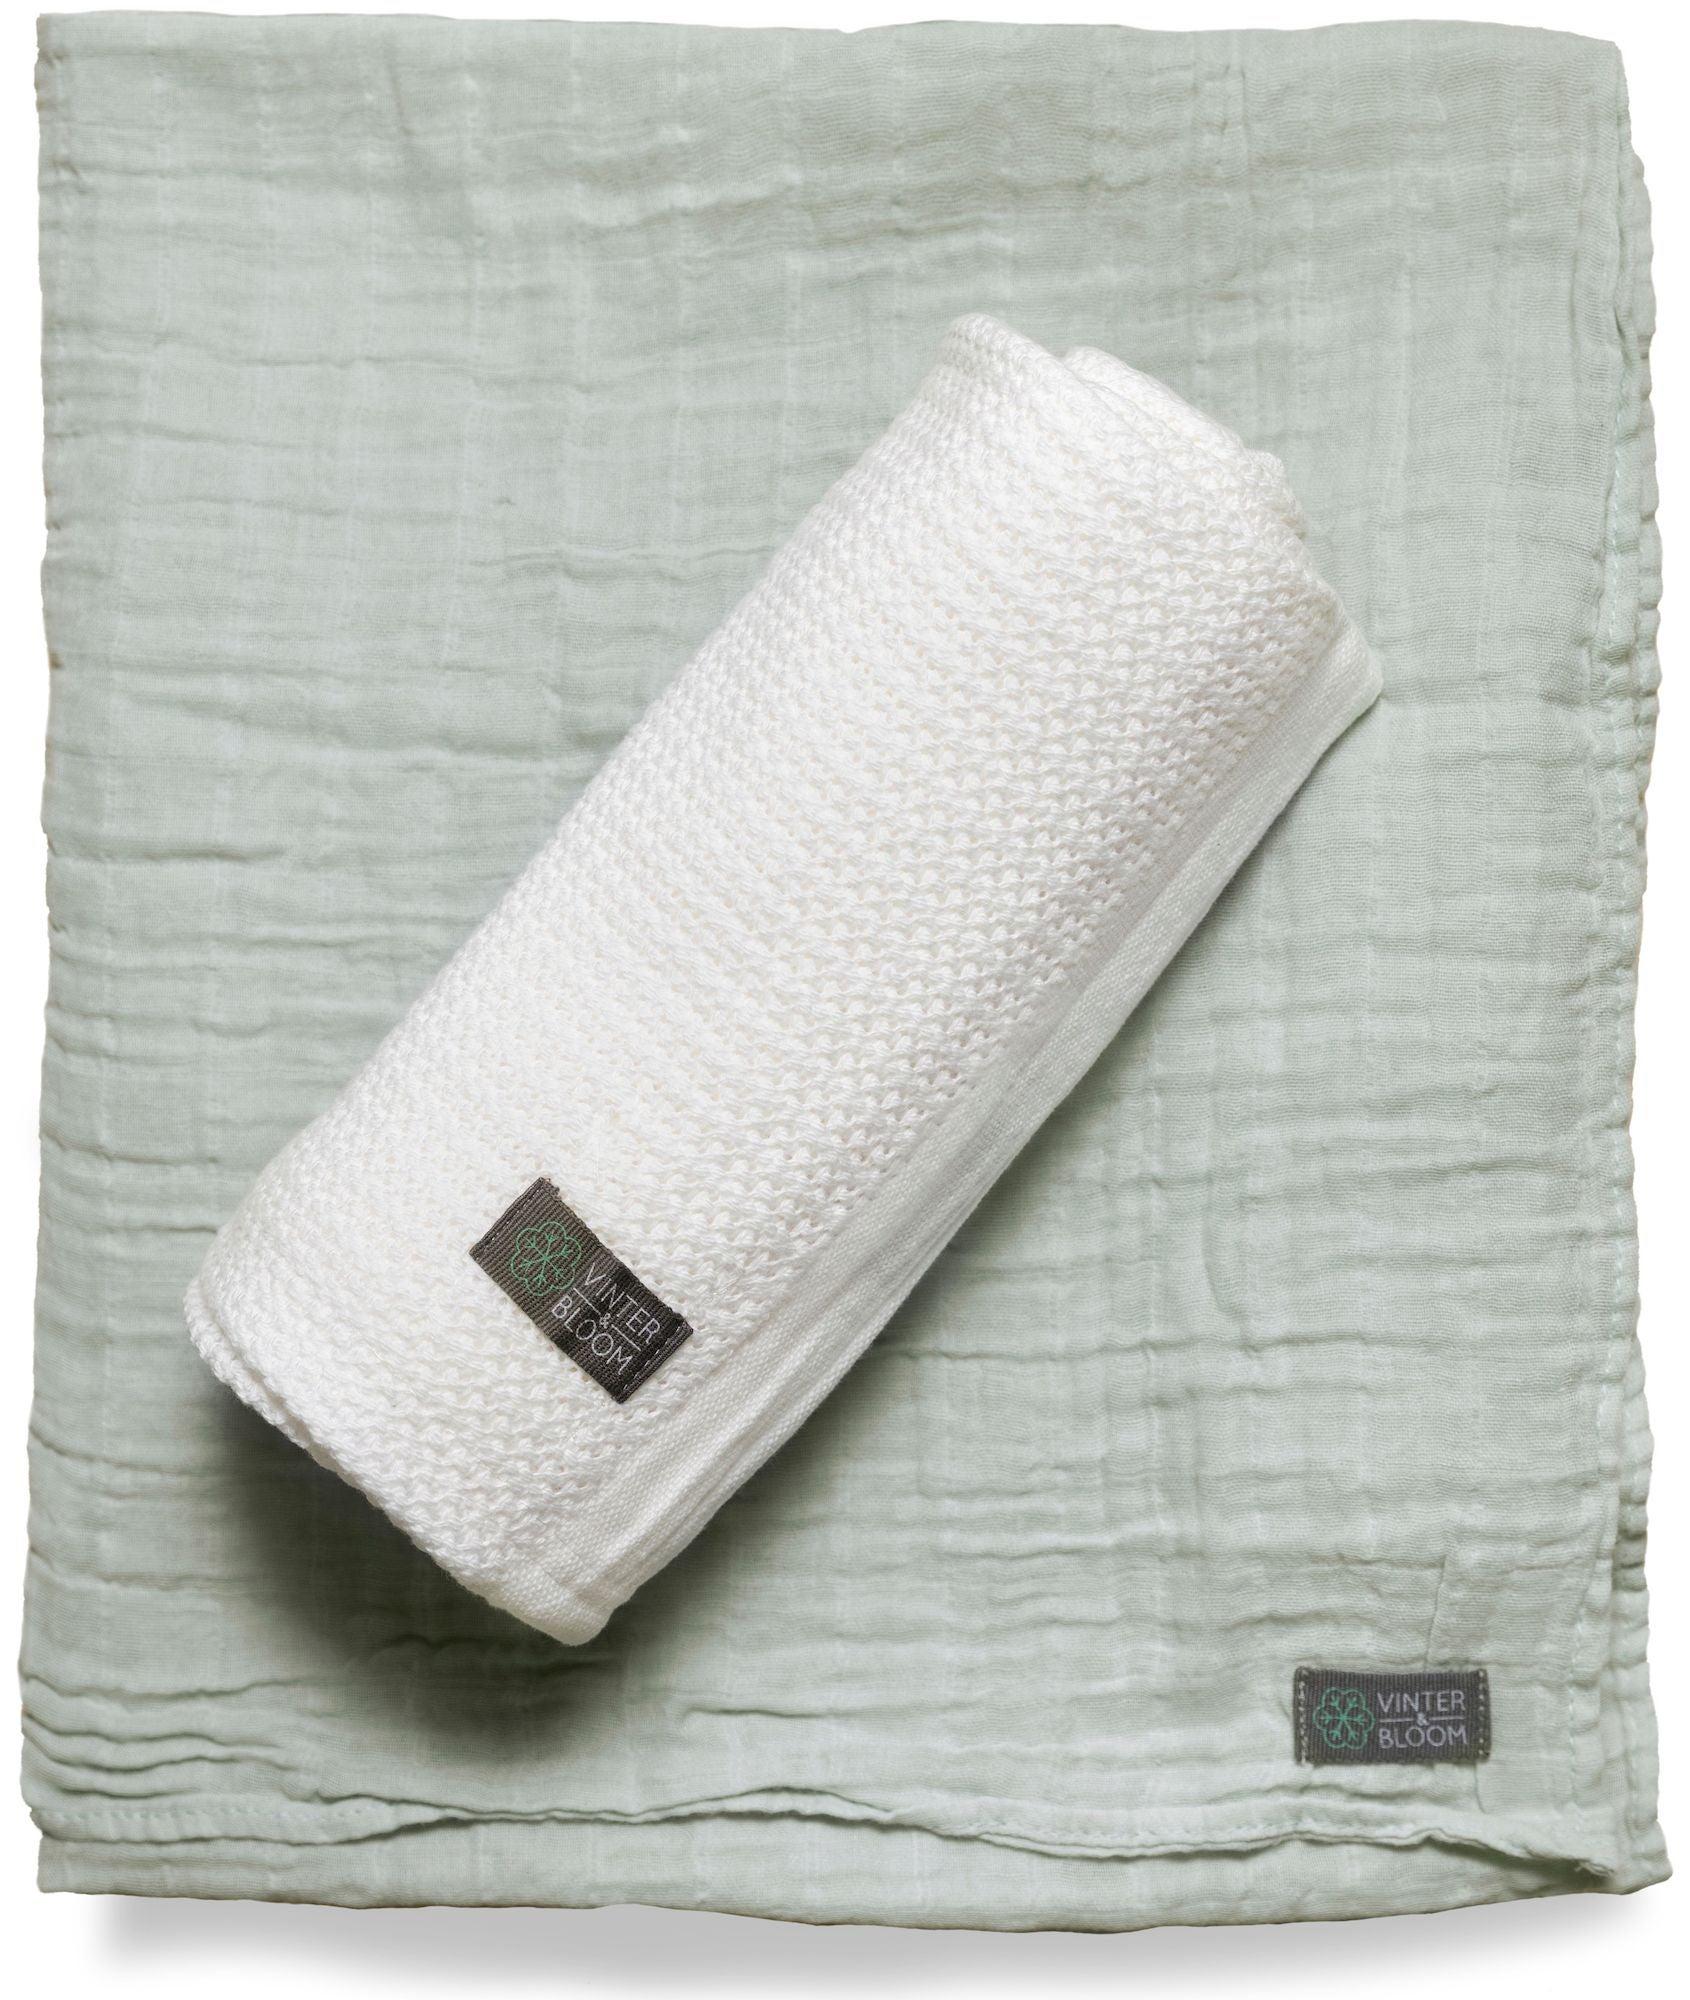 Vinter & Bloom Soft Grid + Filt EKO, Vit/Grön